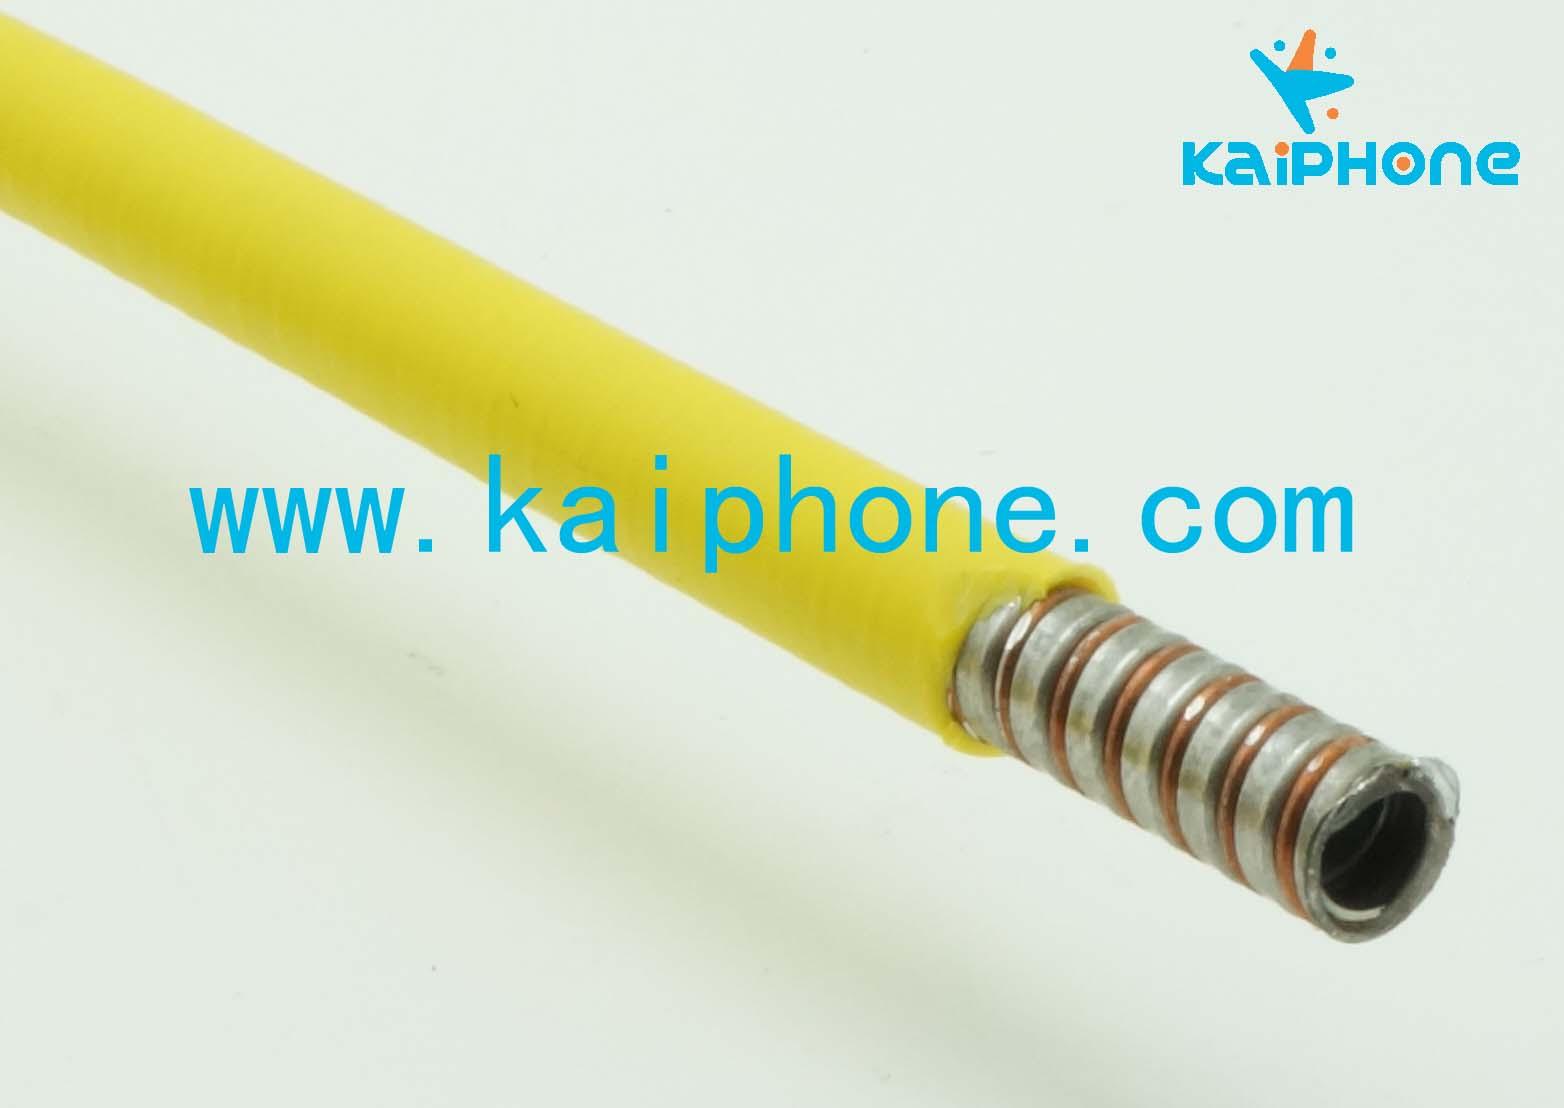 供应光纤激光器保护软管 隔离器用 黄色外6mm加绕线铠装软能量光纤 光纤激光器专用 绿色双扣包塑不锈钢软管